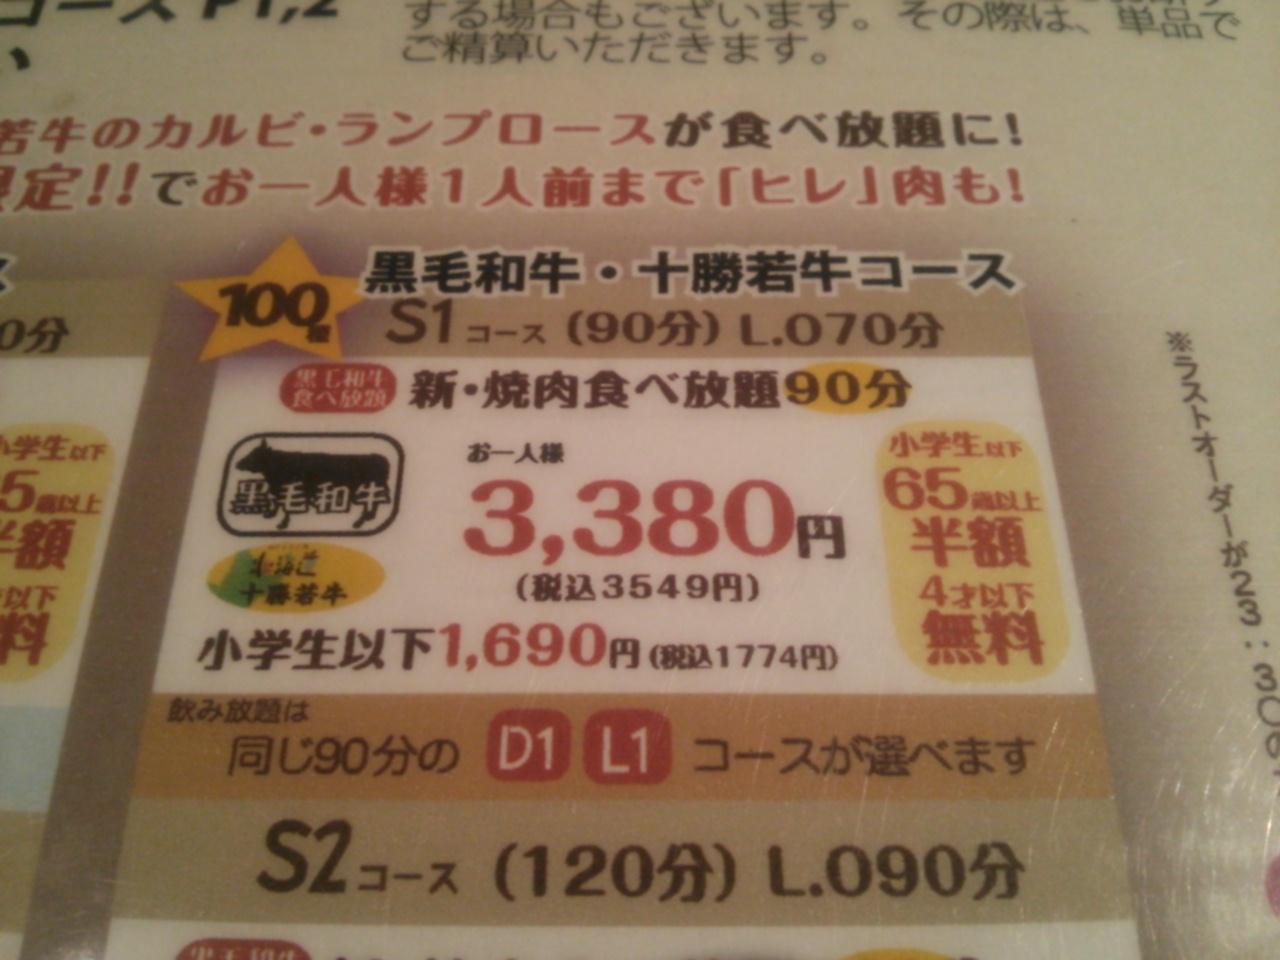 2012-10-07 17.46.06.jpg